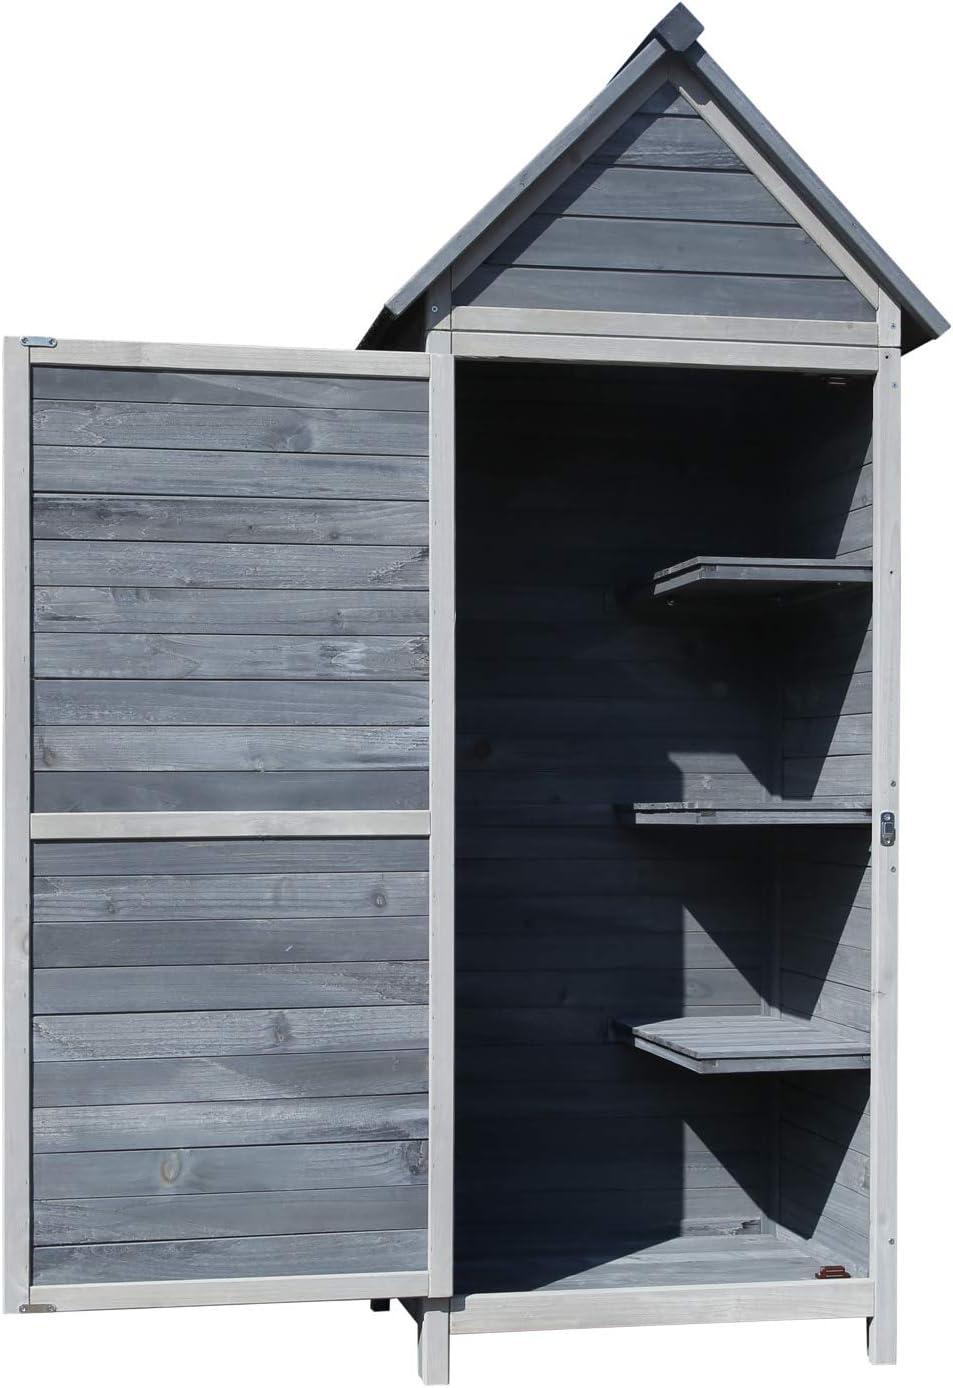 Armario para jardín de madera de color gris claro 77x53x179cm, con tejado a dos aguas y puerta